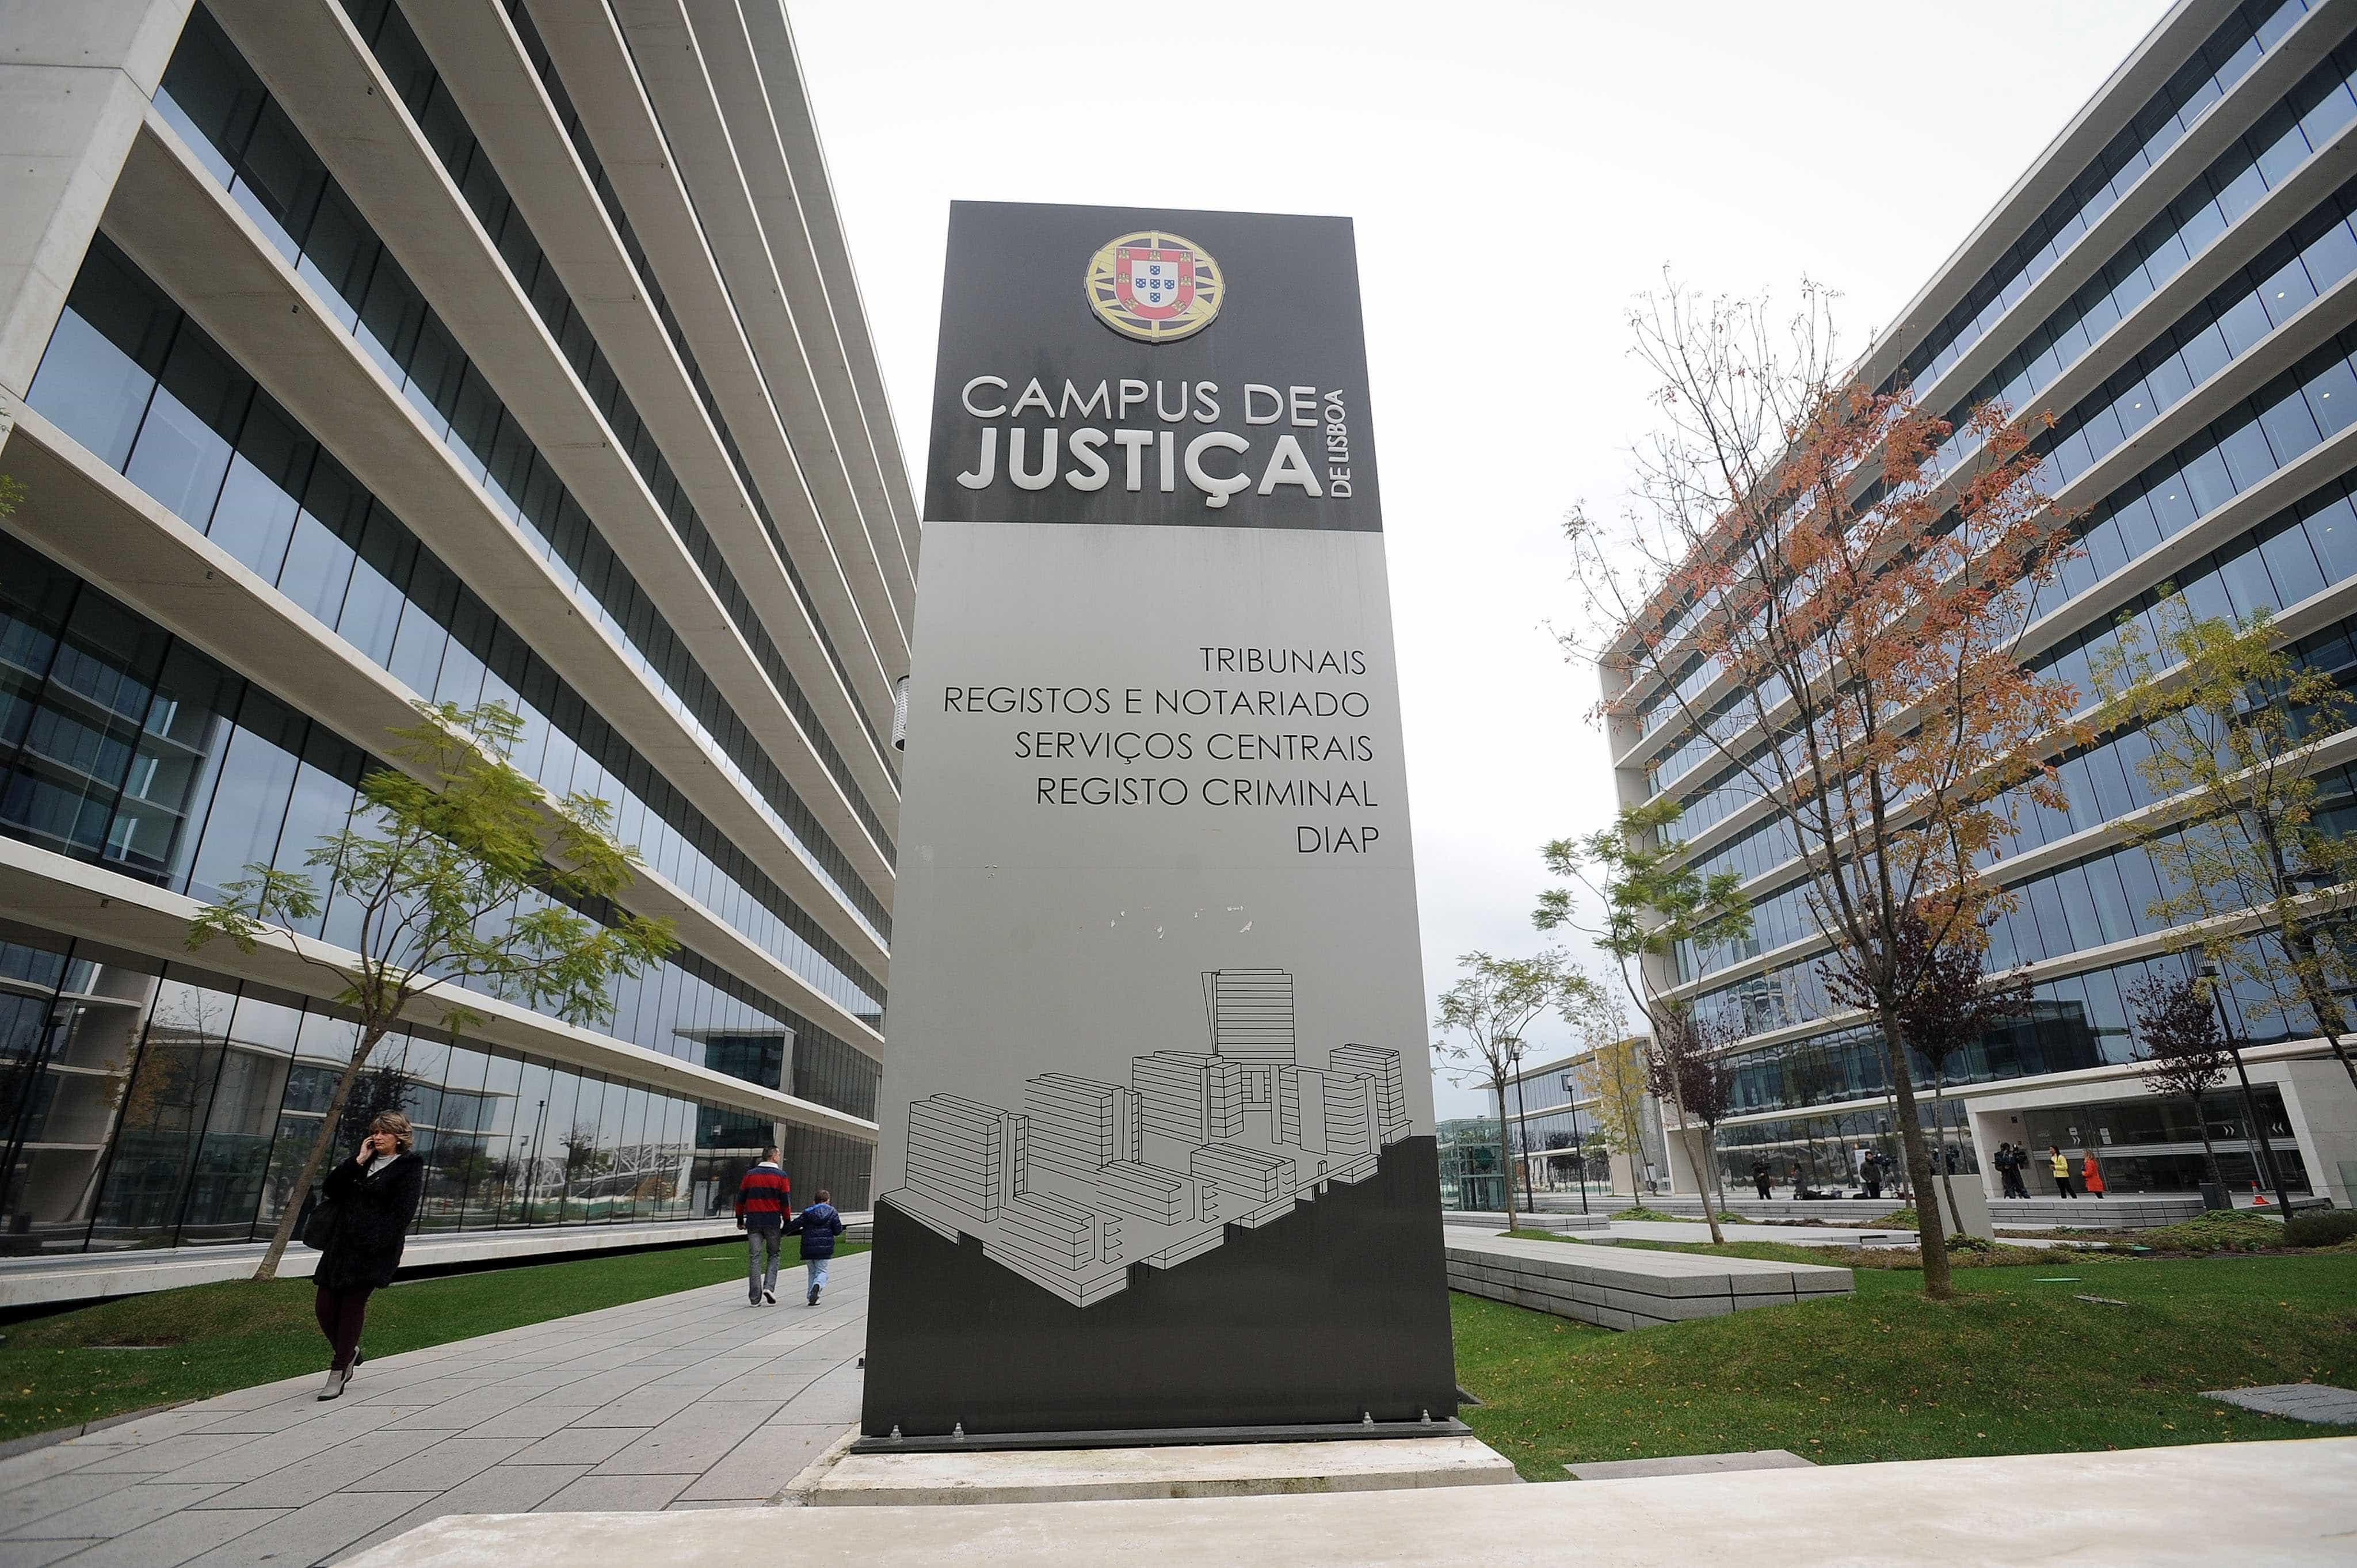 DIAP: Perfis criminais e fatores de risco feito com trabalho 'pro-bono'